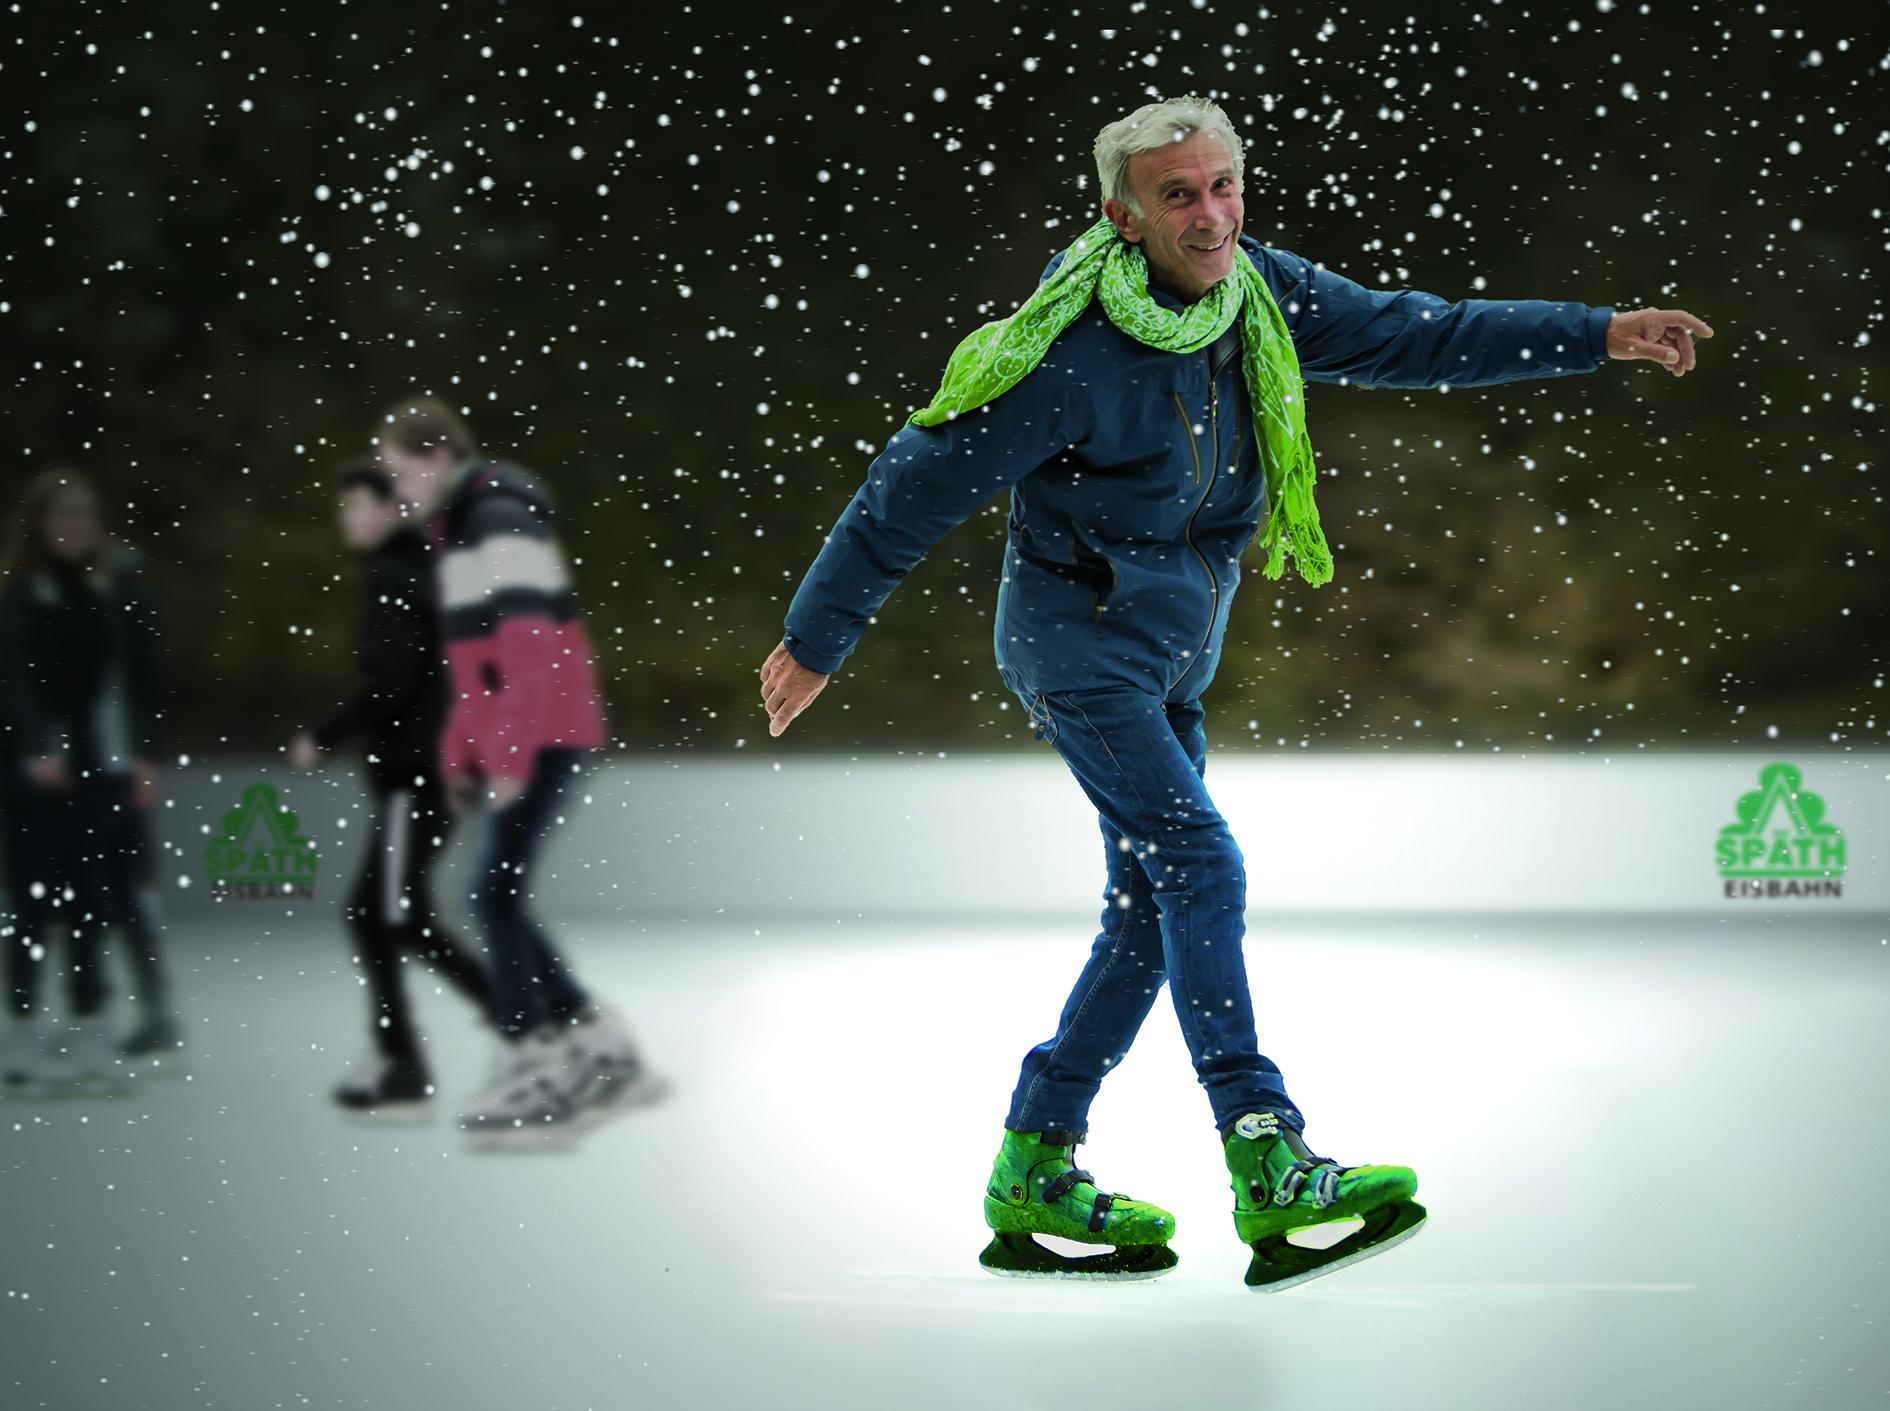 Schlittschuhläufer auf der Eisbahn bei Späth im Schnee